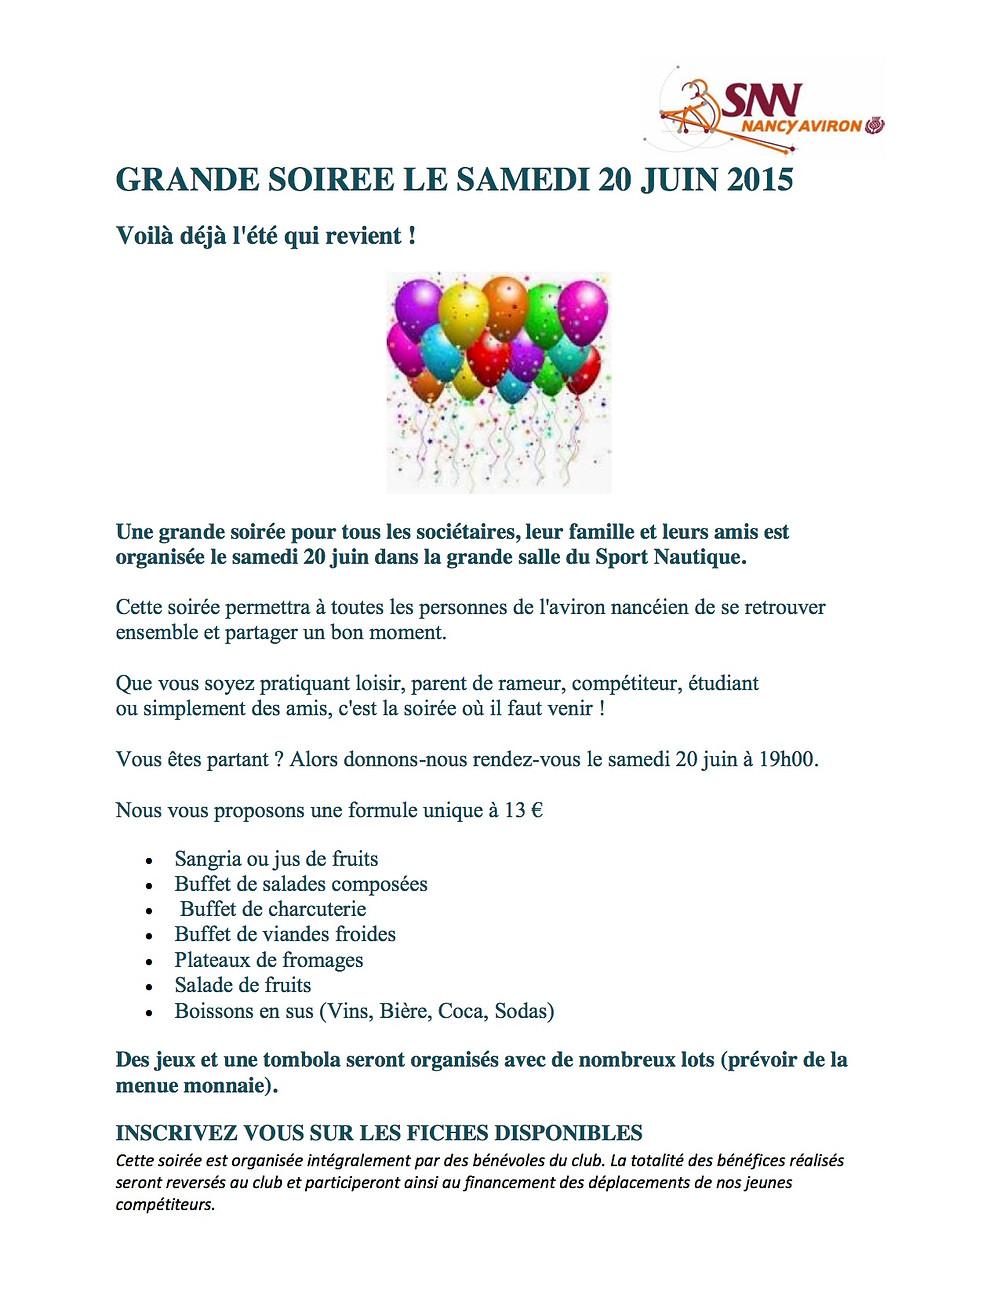 GRANDE SOIREE LE SAMEDI 20 JUIN 2015.jpg